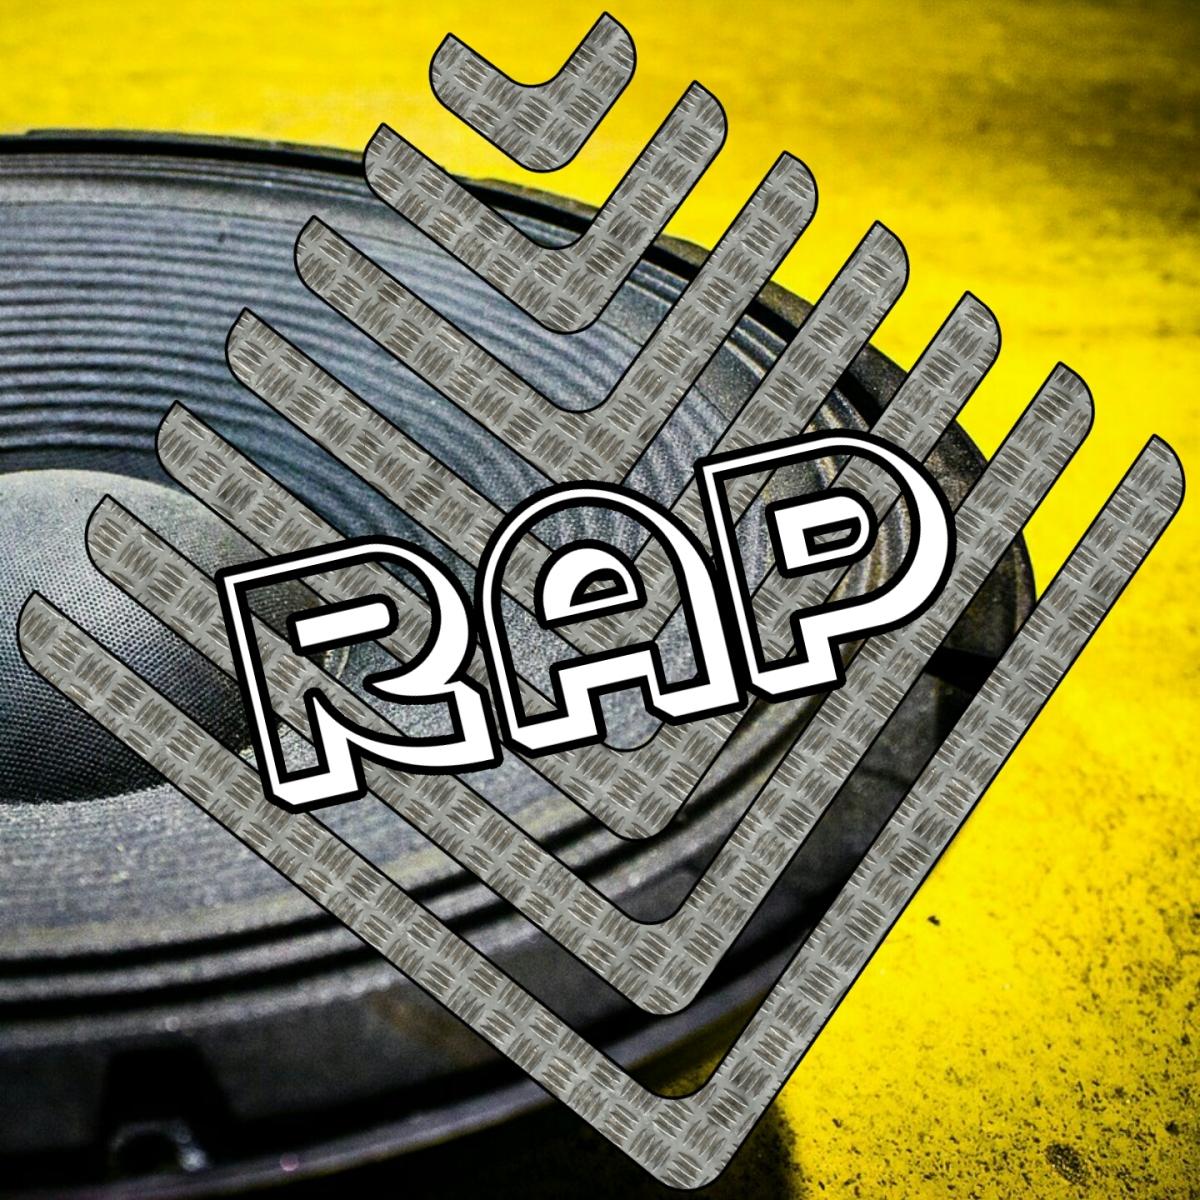 wreckx n effect rump shaker remix mp3